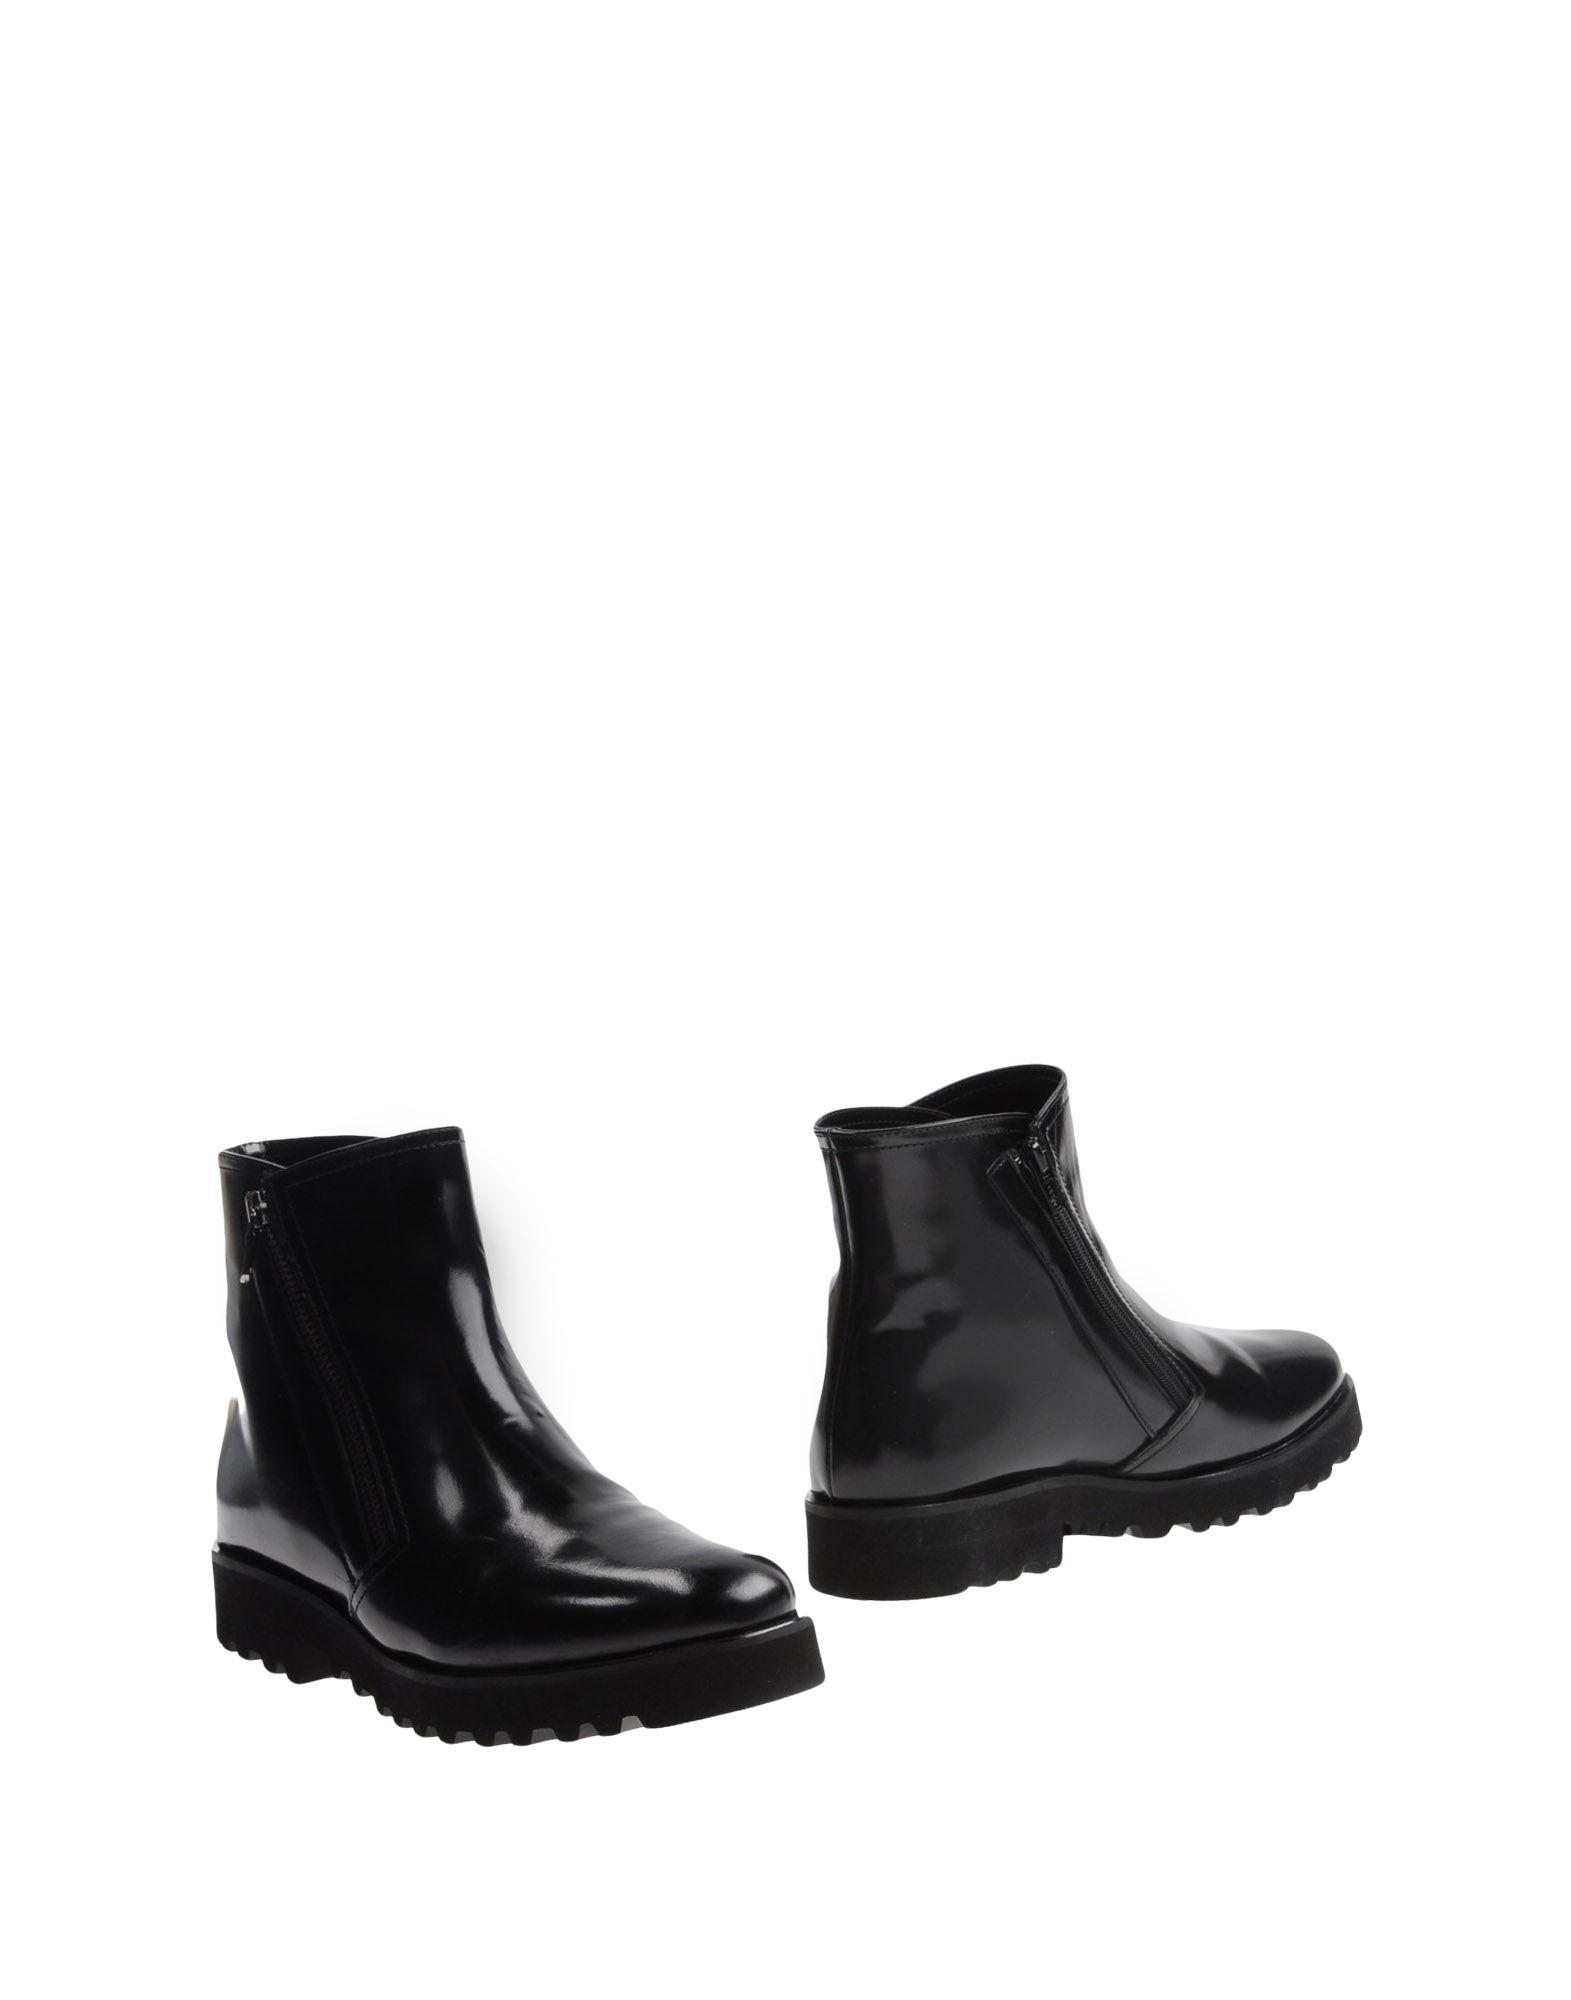 Mally Stiefelette Damen  11305623SN Gute Qualität beliebte Schuhe